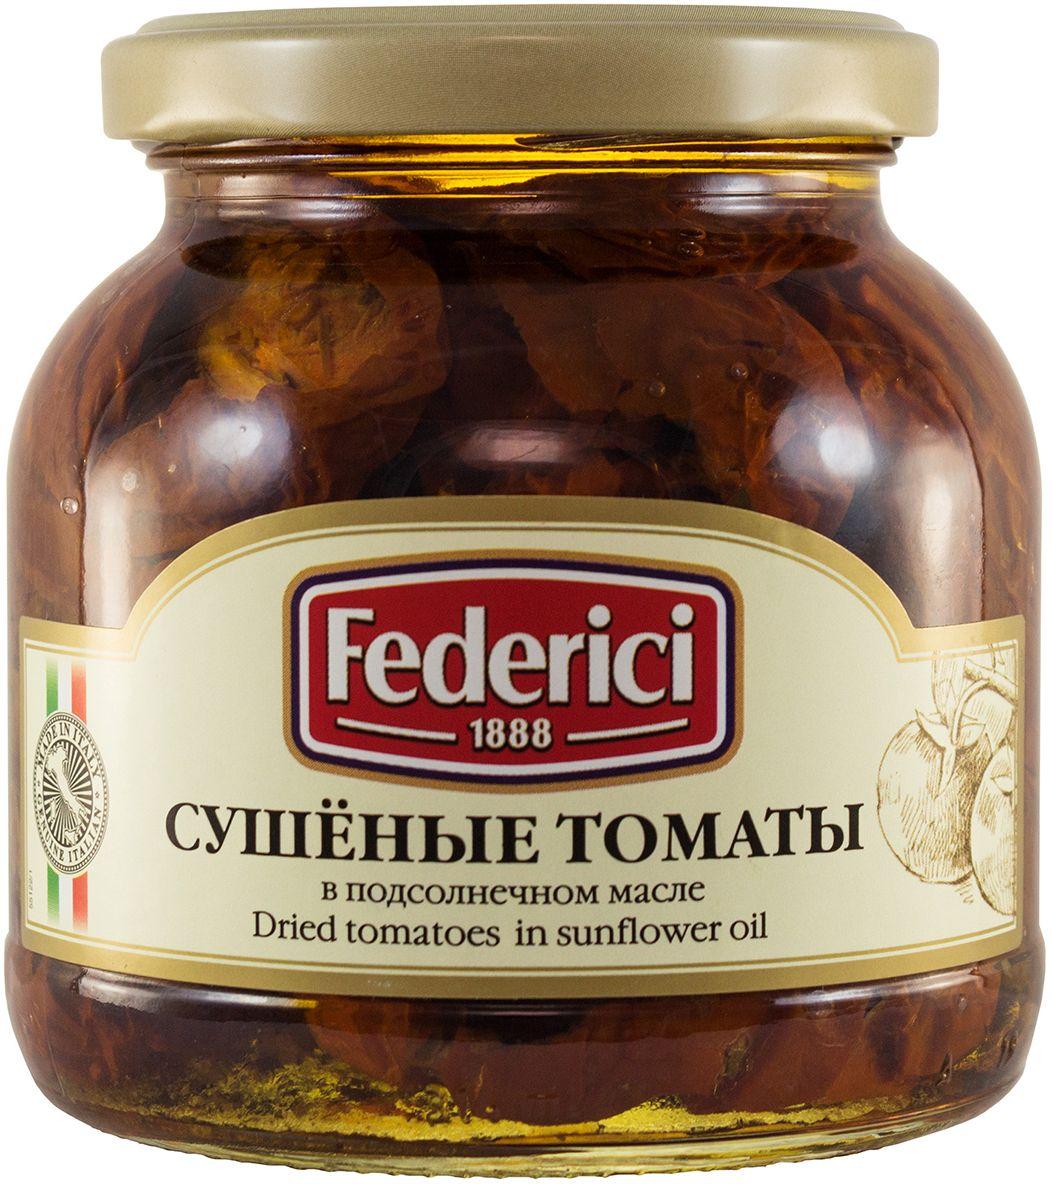 Federici Сушеные томаты в подсолнечном масле, 280 г артишоки жареные на гриле masiello в подсолнечном масле 290 г